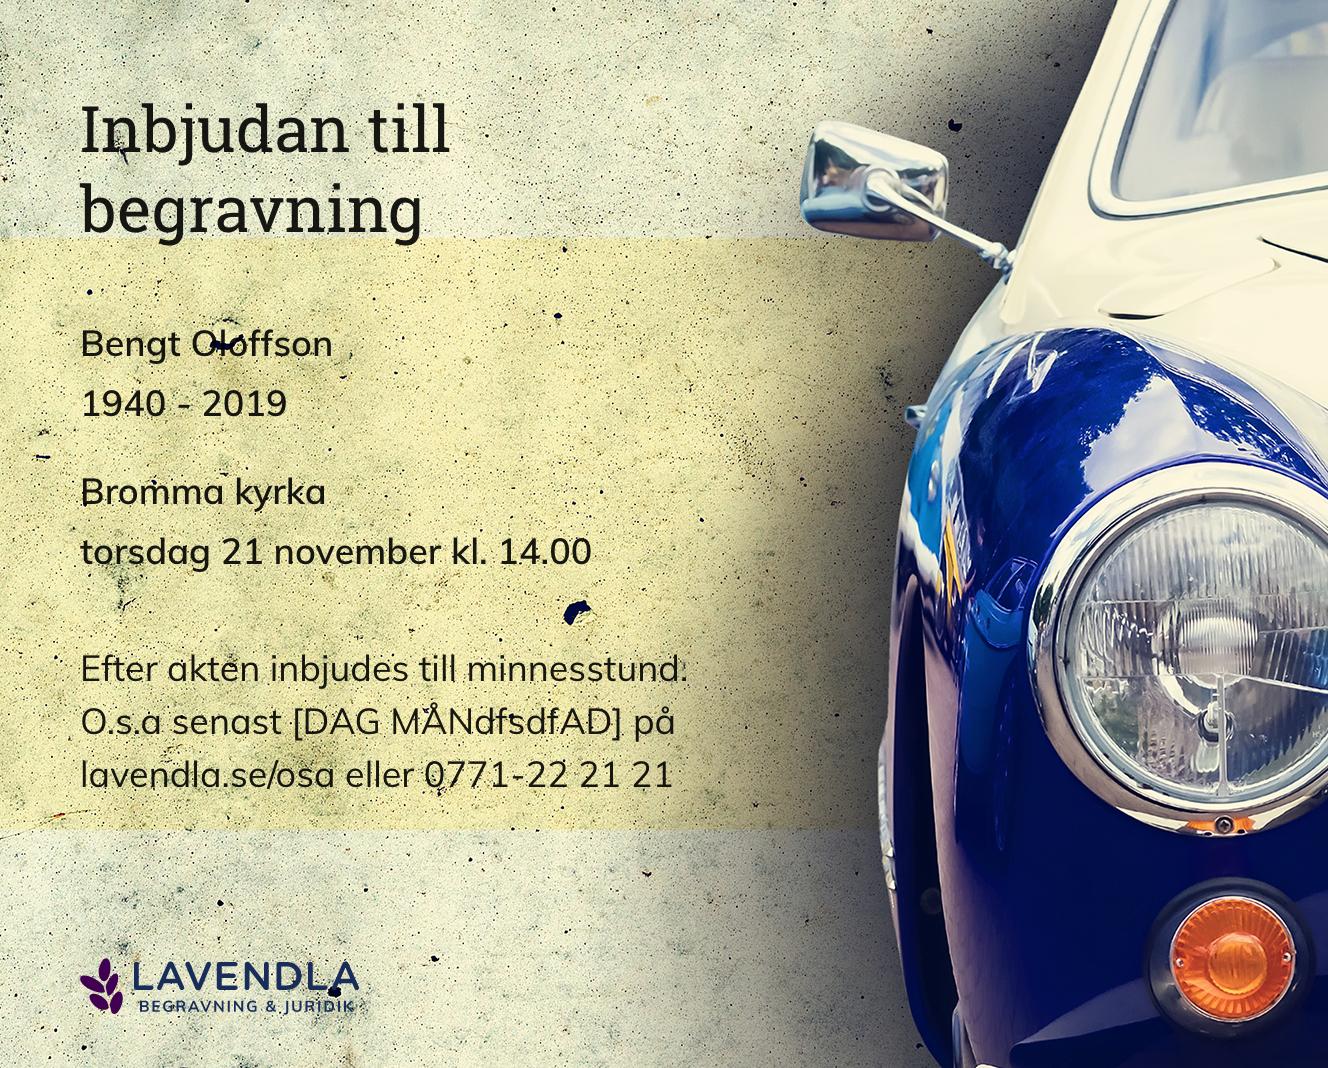 Inbjudningskort till ceremonin för Bengt Oloffson